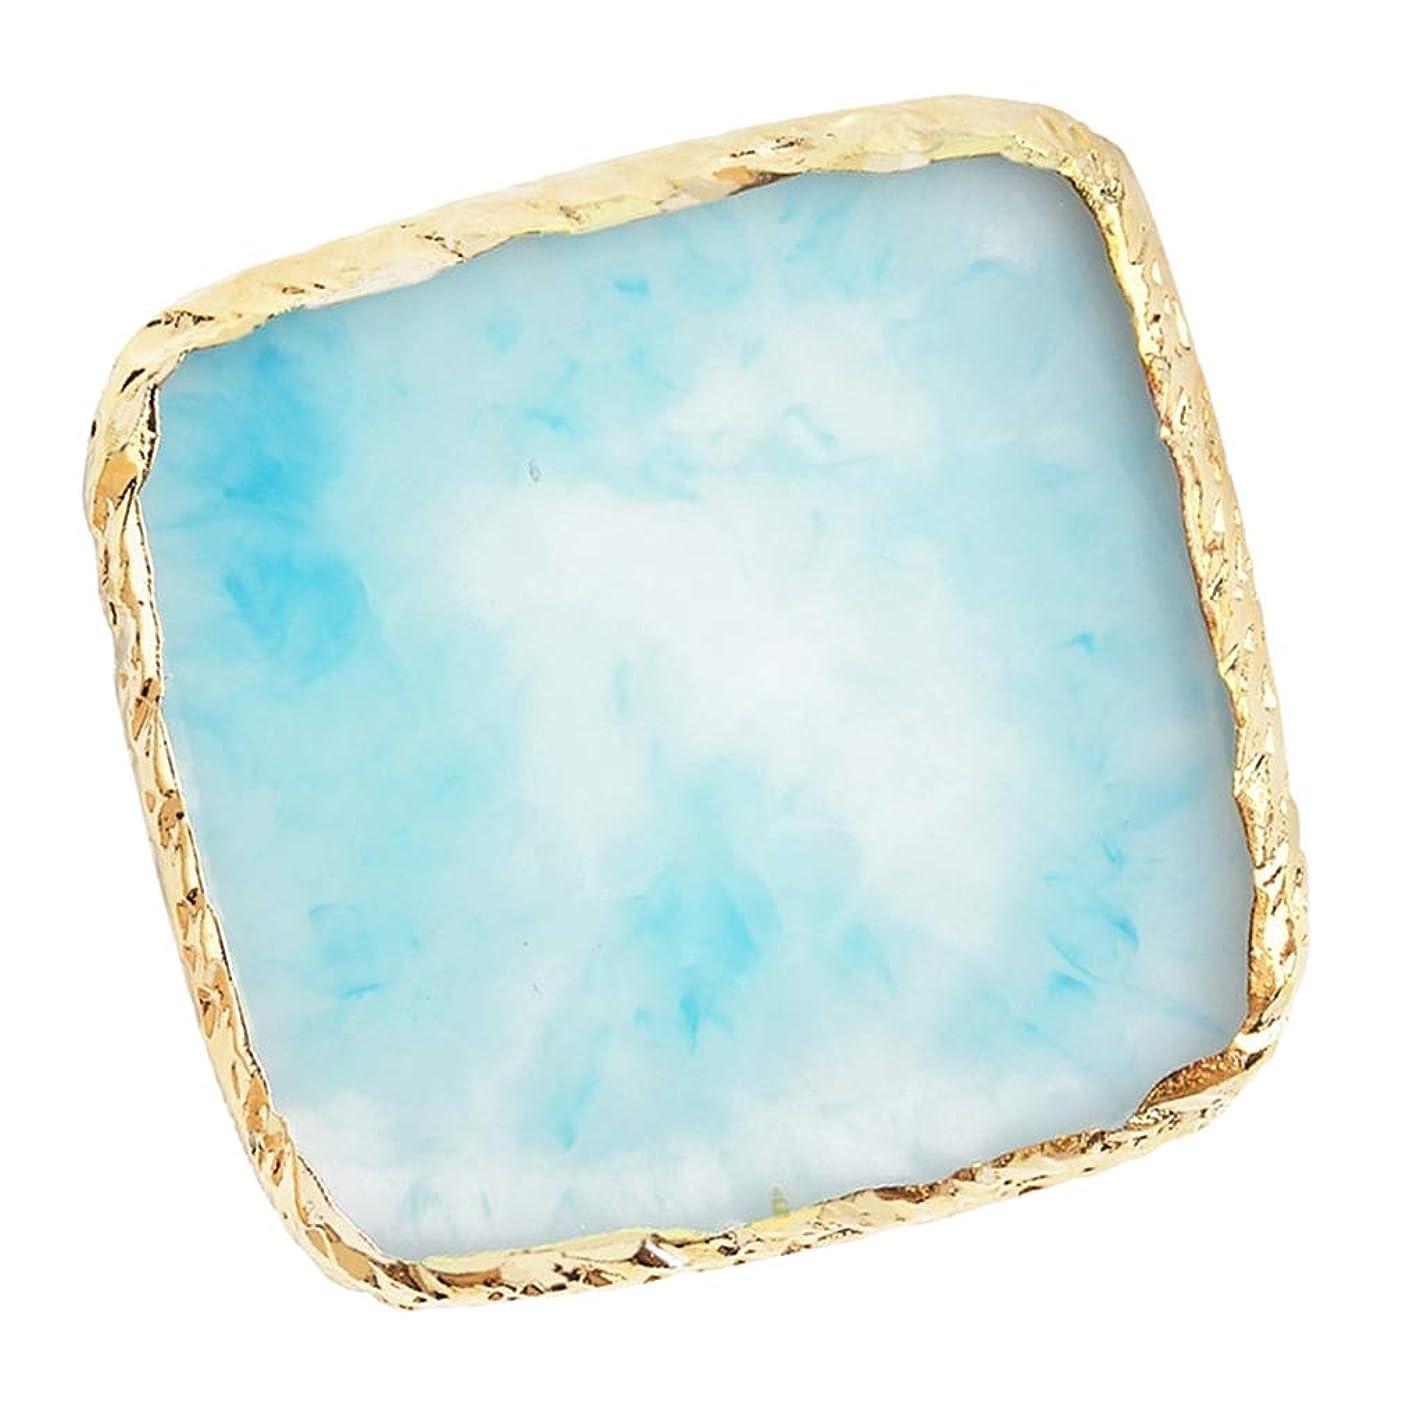 溝儀式インフラCUTICATE ネイルアート カラーブレンド ミキシングパレット 樹脂製 耐久性 清掃しやすい 6色選べ - 青